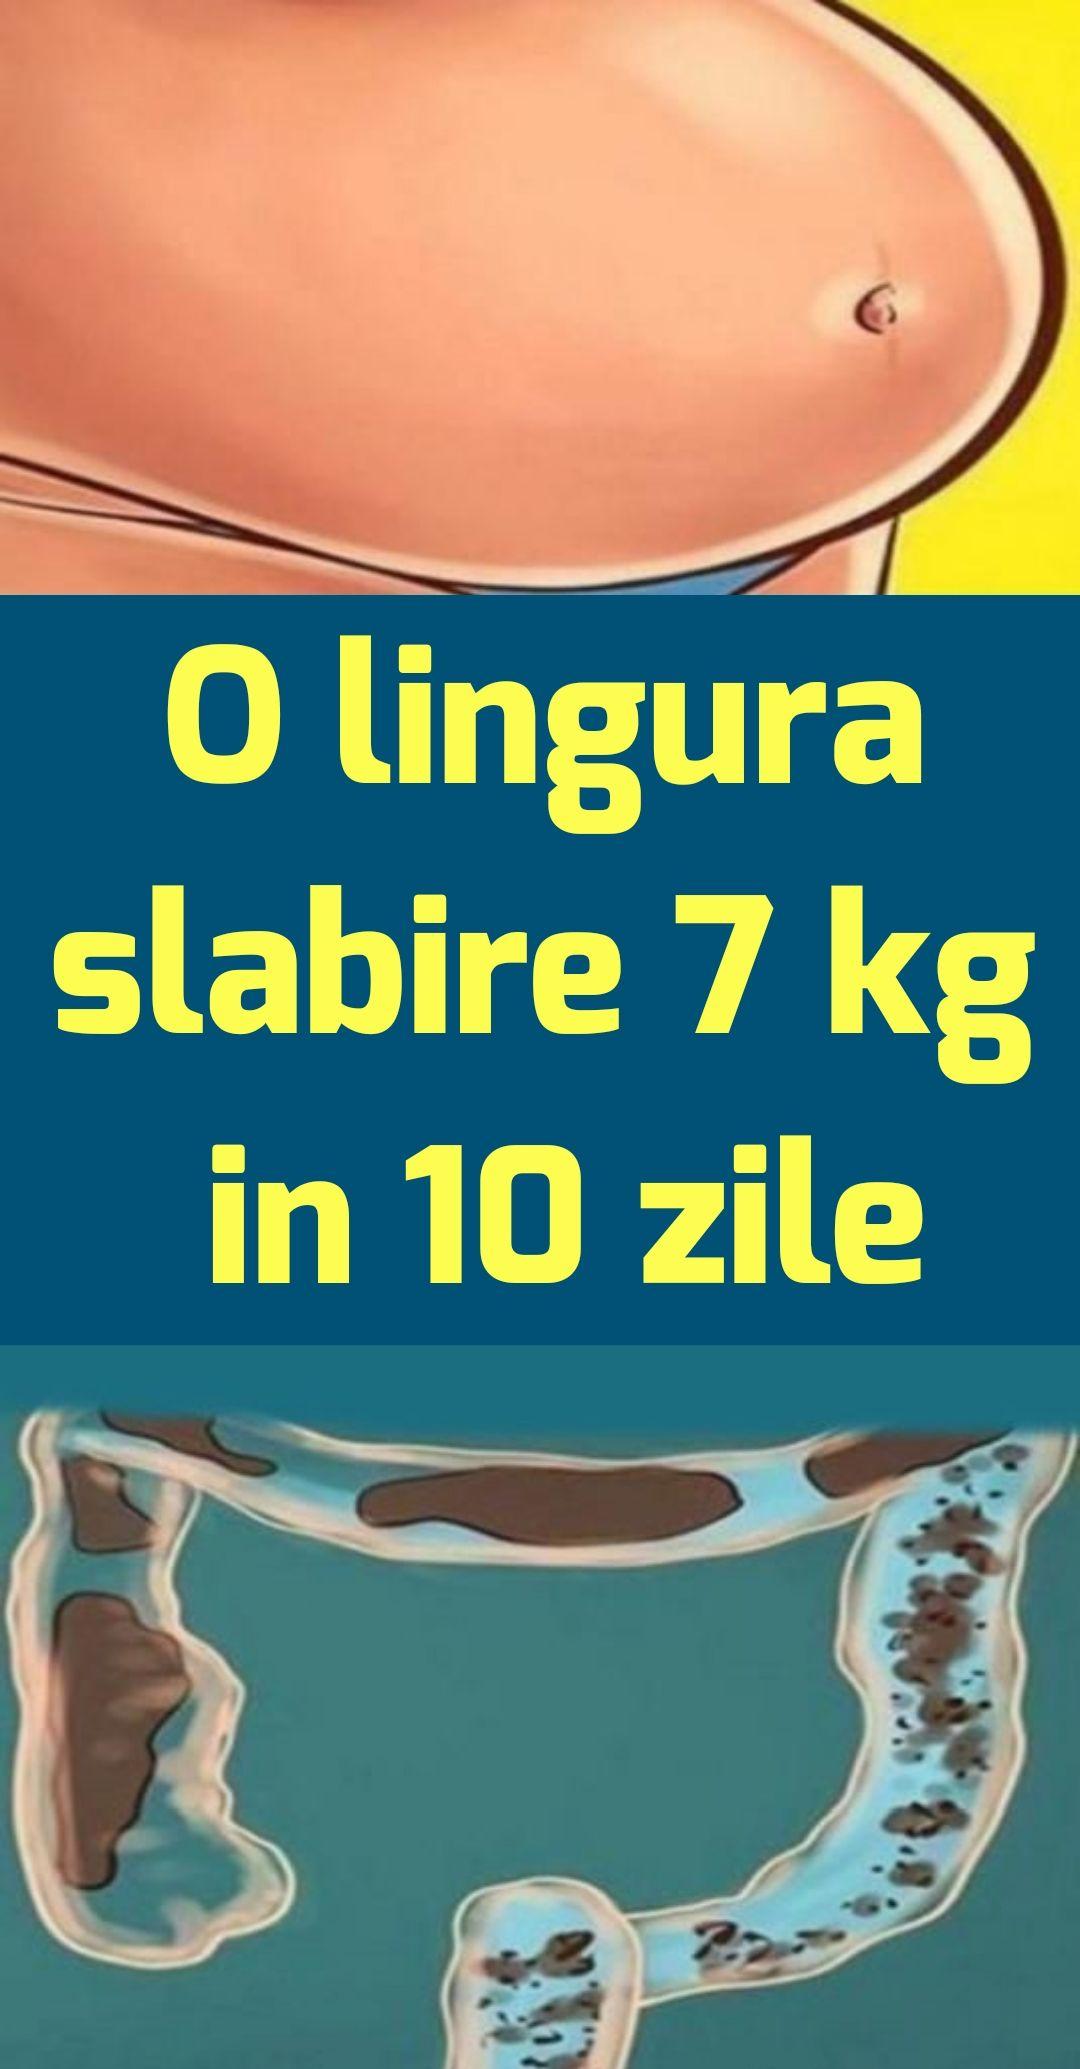 Pierdere în greutate max 365 Pierdere în greutate wbv